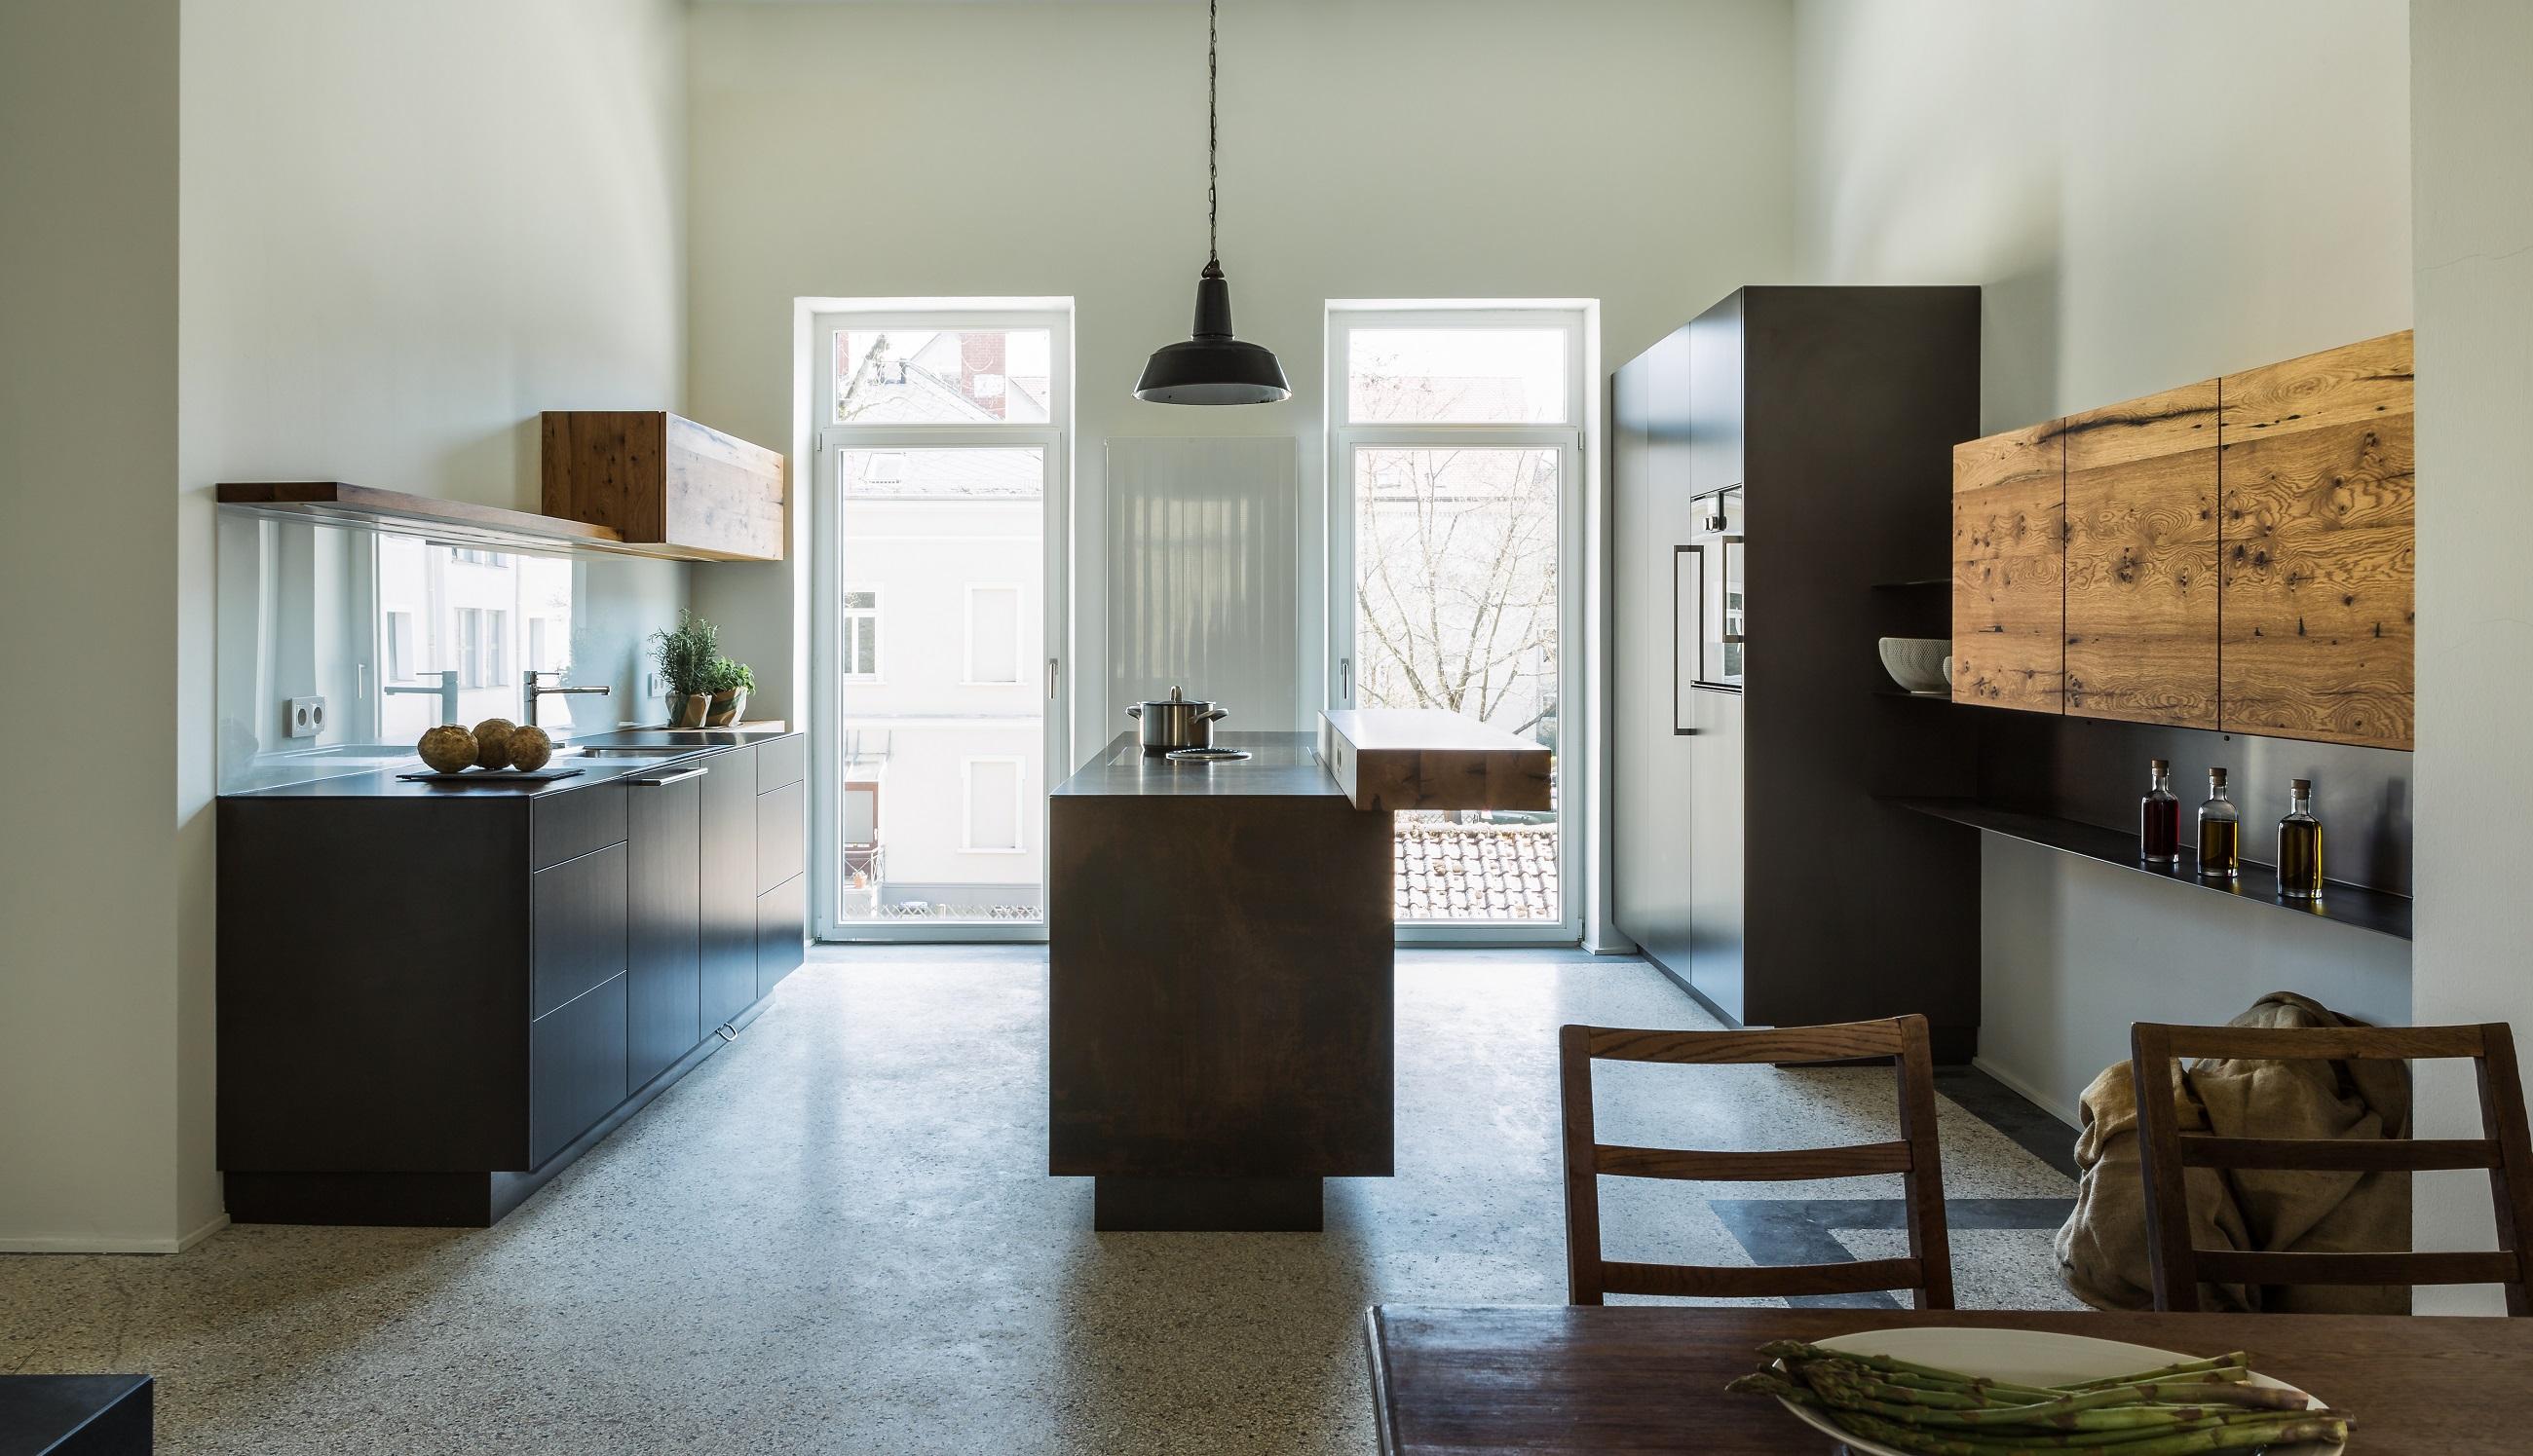 stahl trifft holz kubistisch klar mit warmen akzenten bora. Black Bedroom Furniture Sets. Home Design Ideas